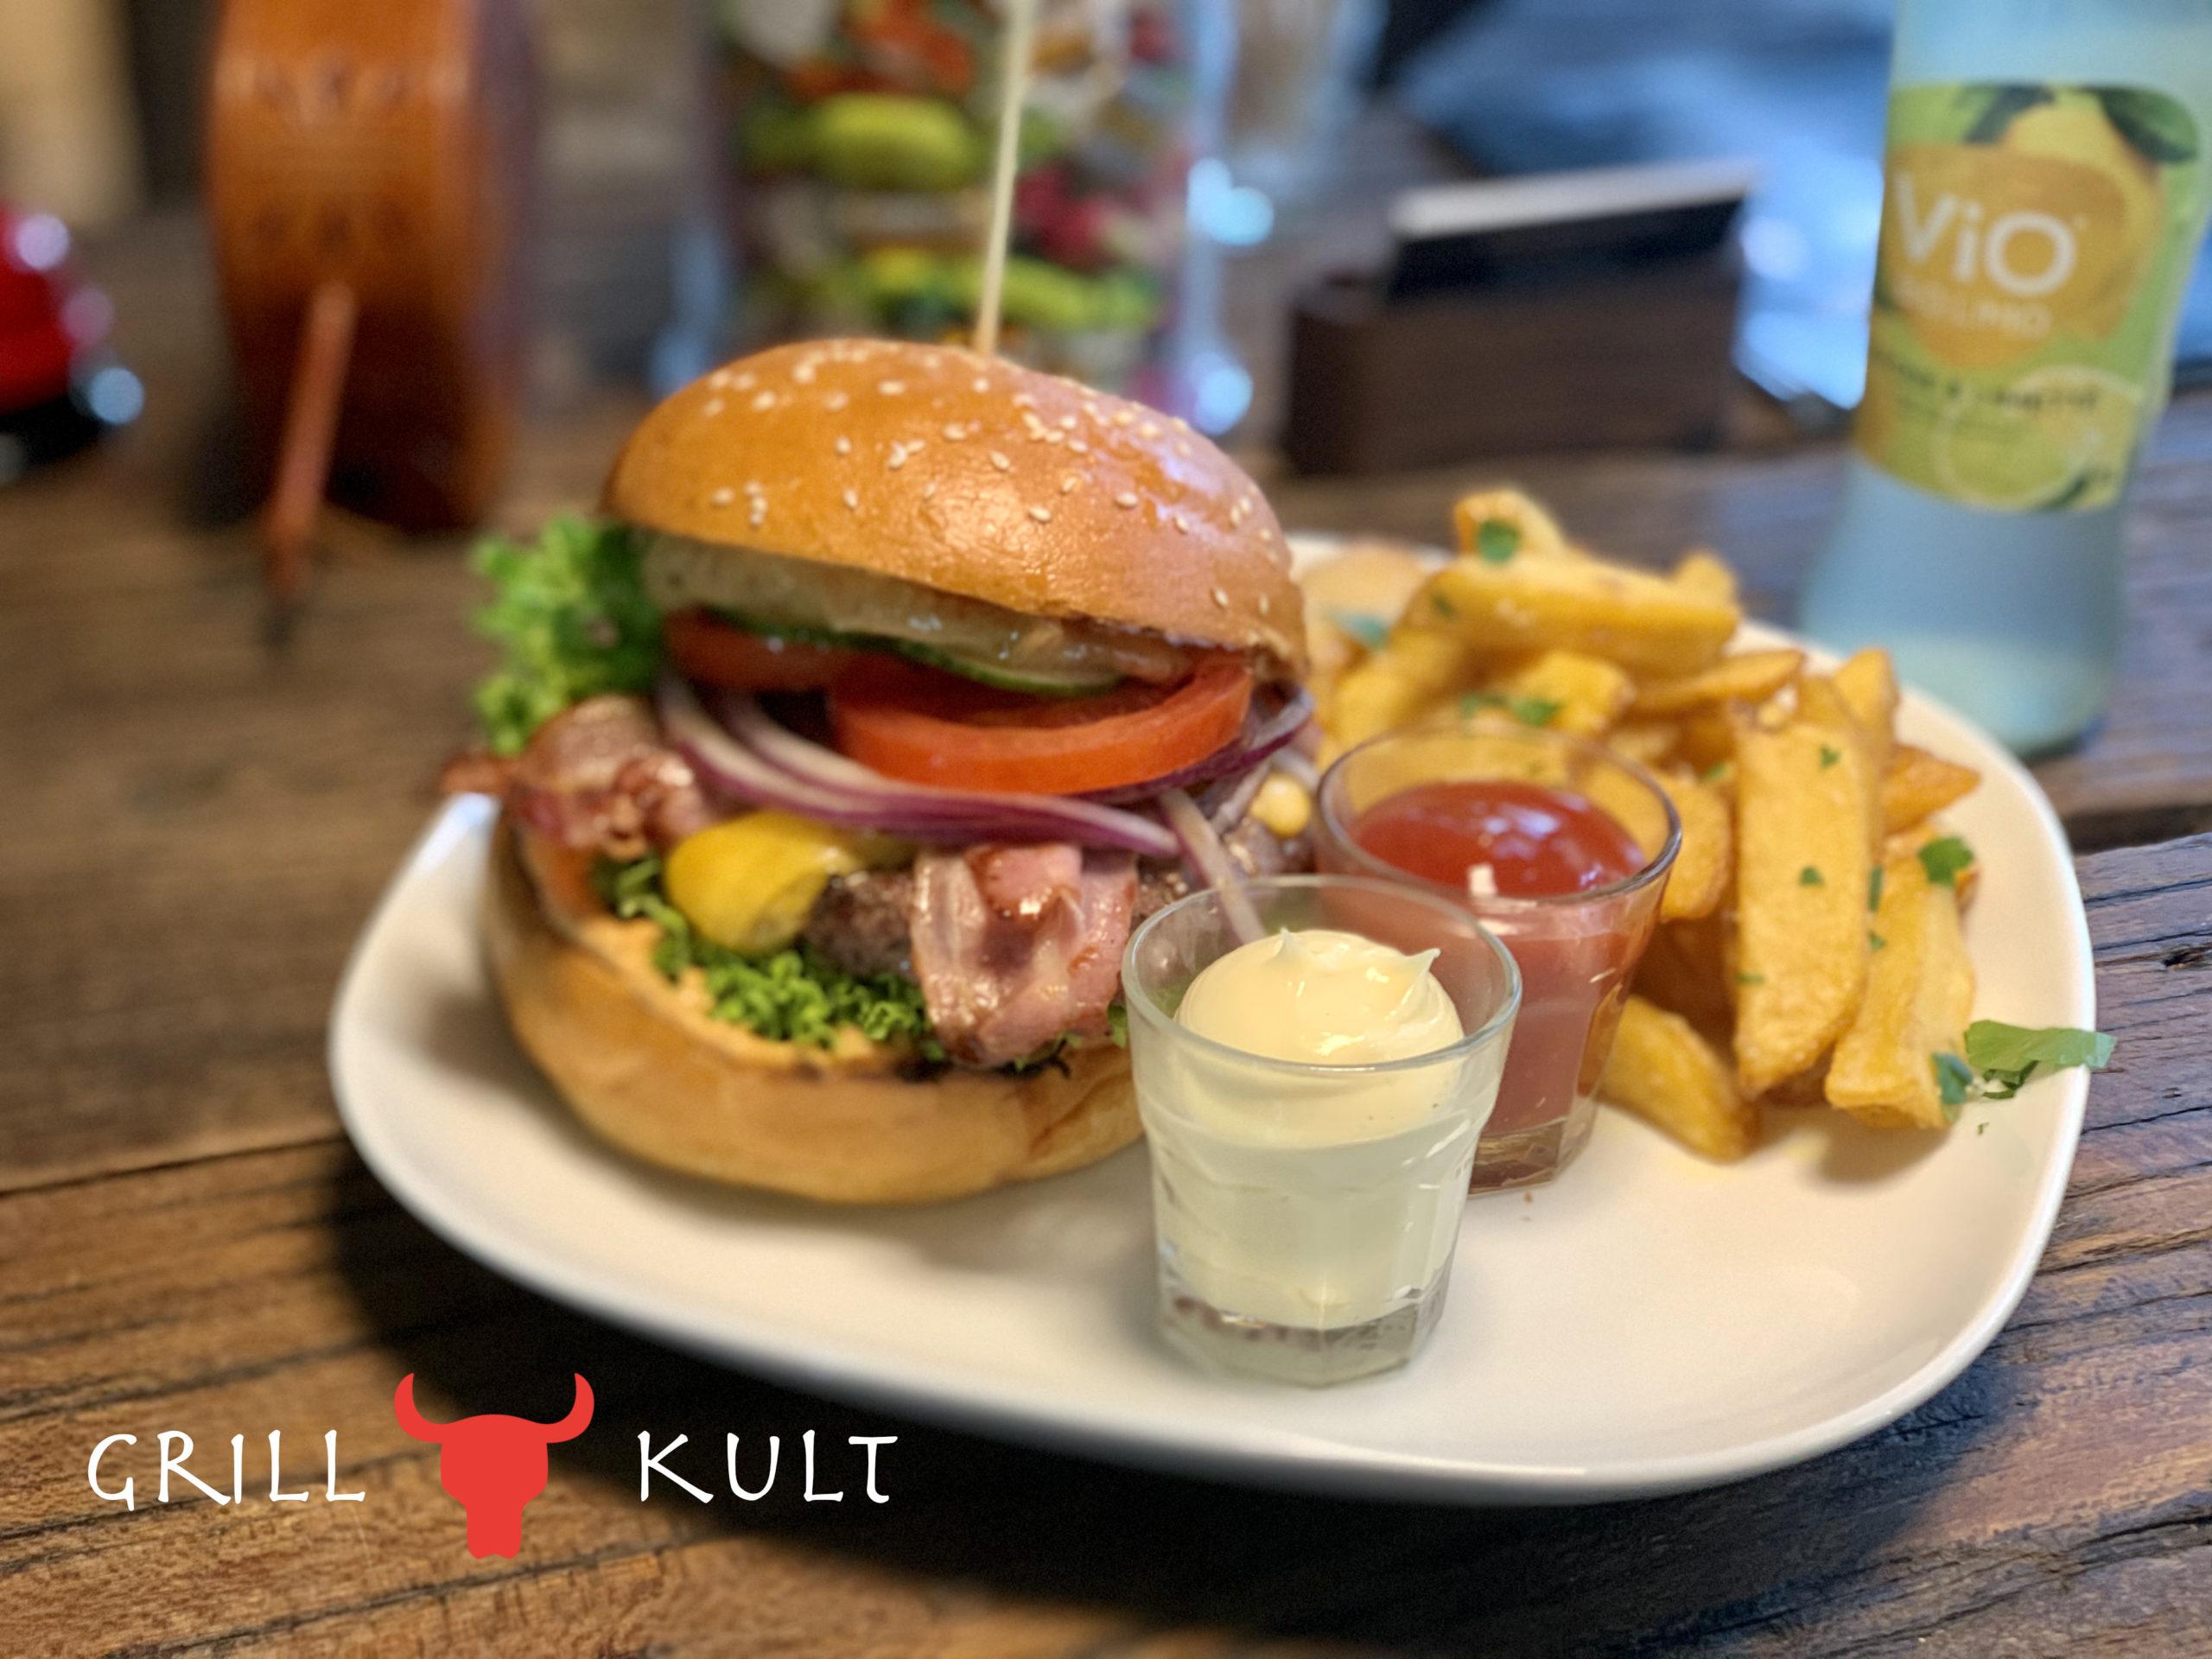 Grillkult Burger mit Logo